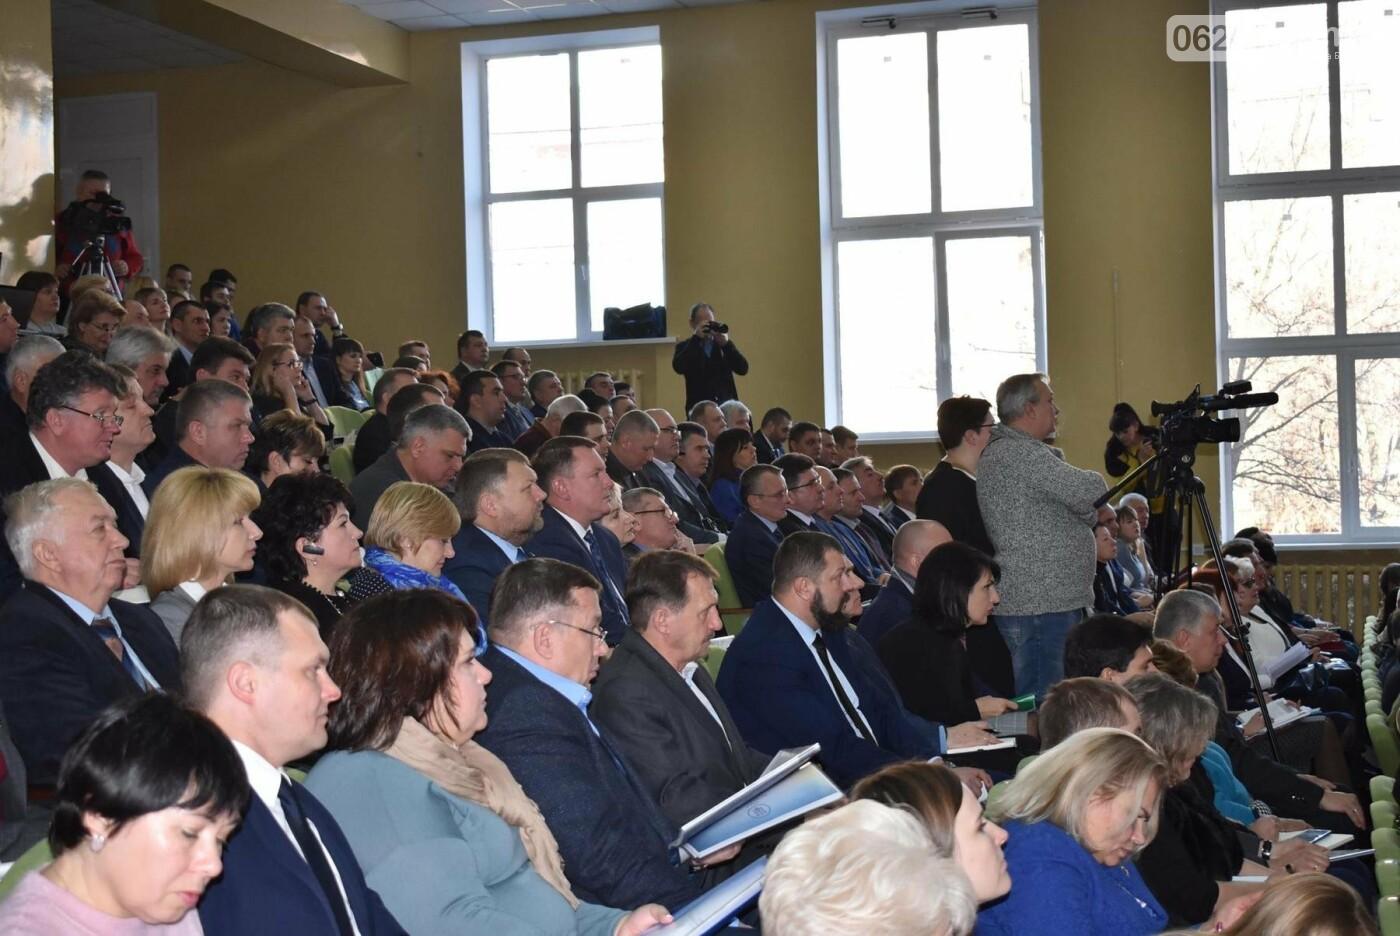 Городской голова Бахмута принял участие в заседании Совета регионального развития Донецкой области, фото-1